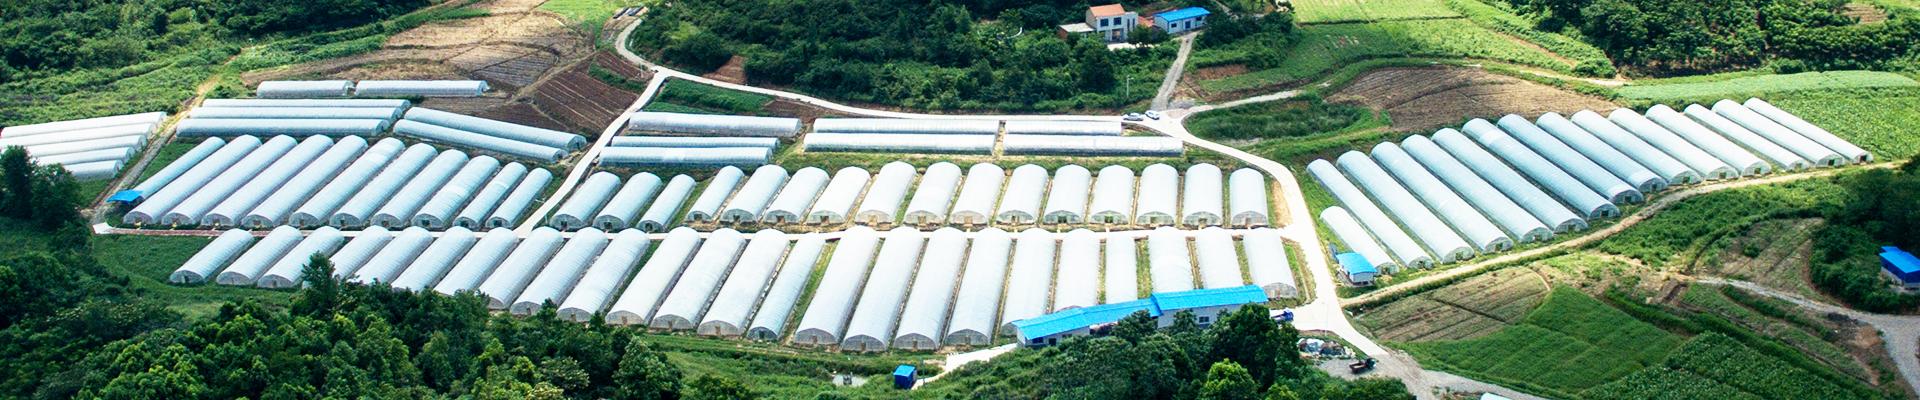 龙岩市昱德生态农业发展有限公司